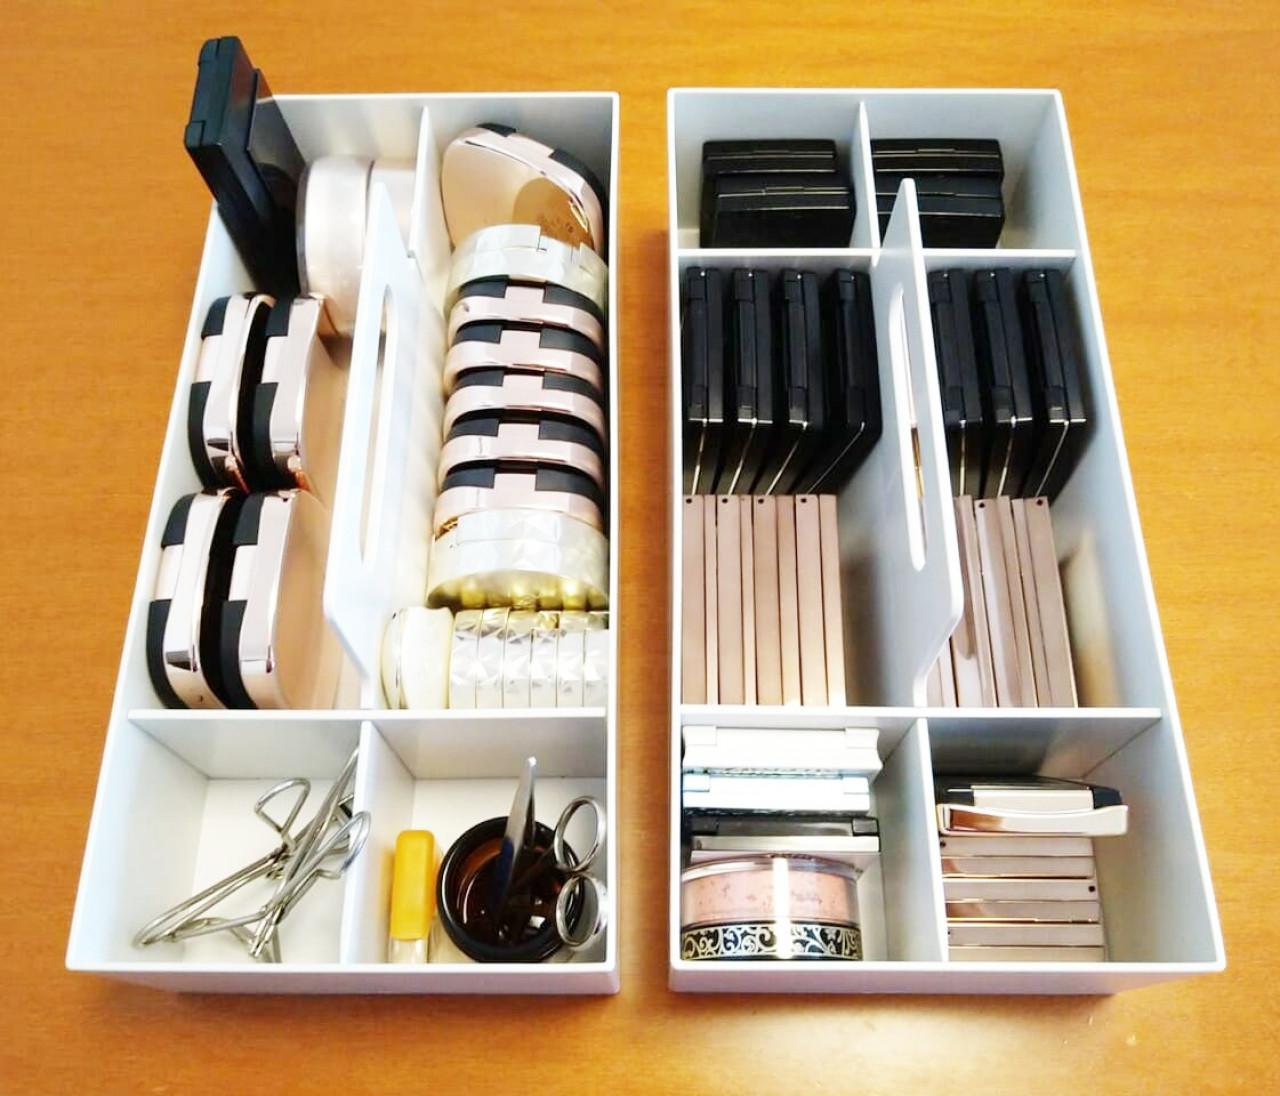 【無印良品】収納キャリーボックスがかなり使える!コスメや雑貨の整理におすすめ♡